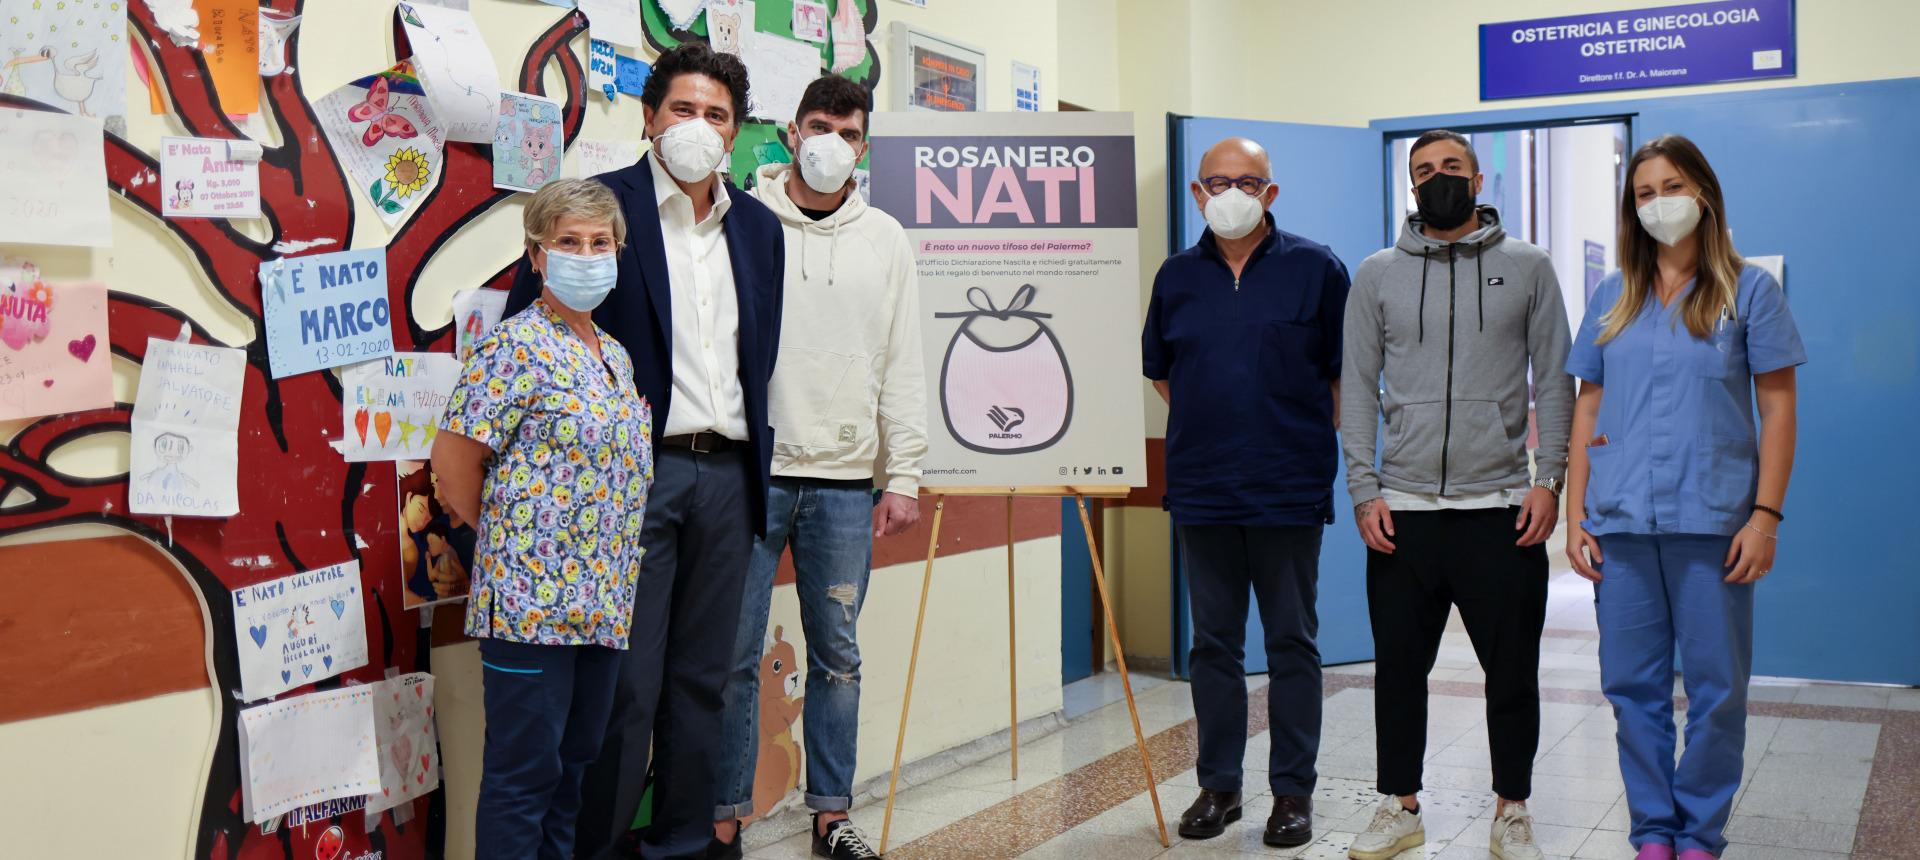 Rosanero Nati: al via anche all'Ospedale Civico per promuovere l'allattamento al seno